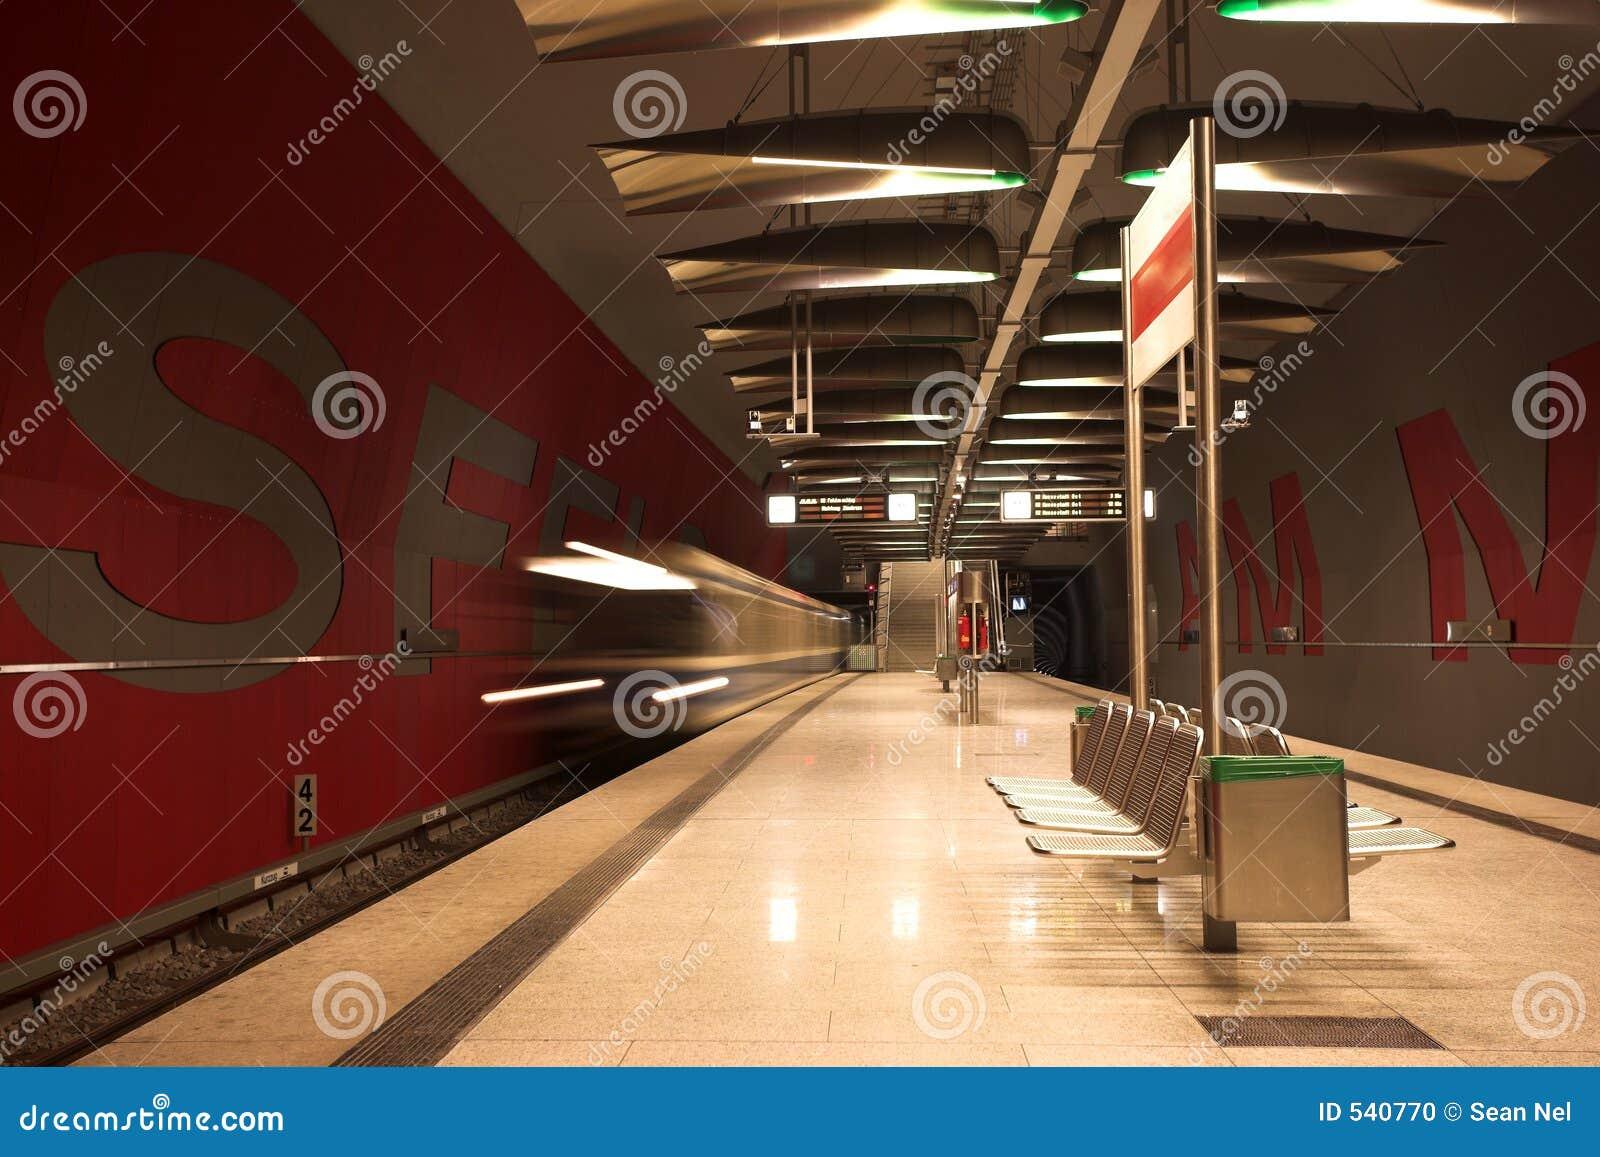 Munich #39